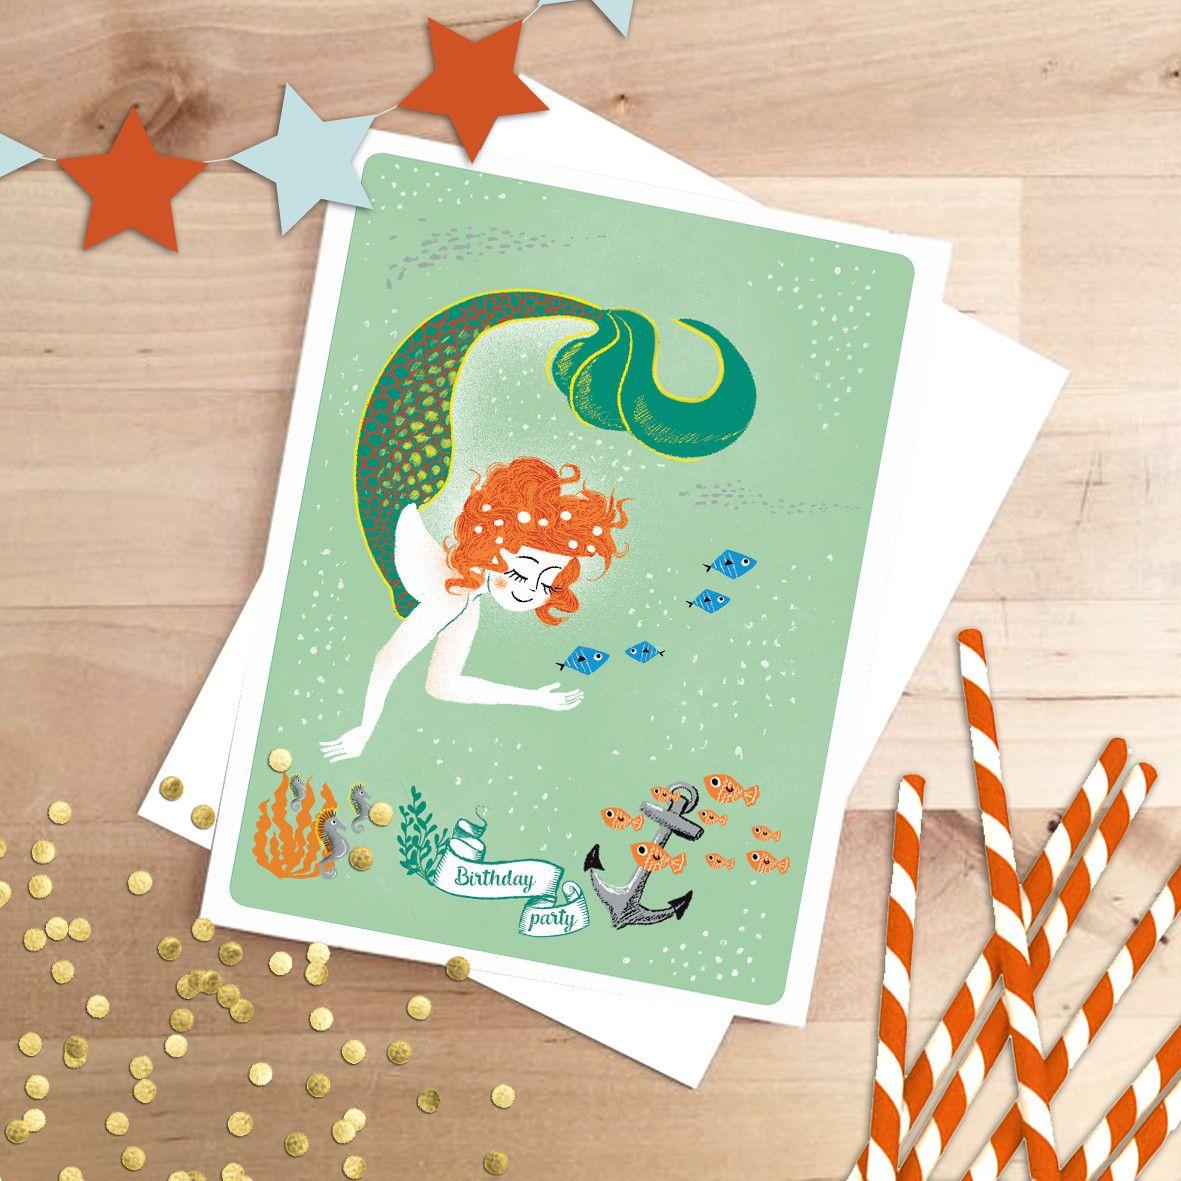 Carton d'invitation pour anniversaire - Sirène   Carton invitation, Anniversaire, Invitation